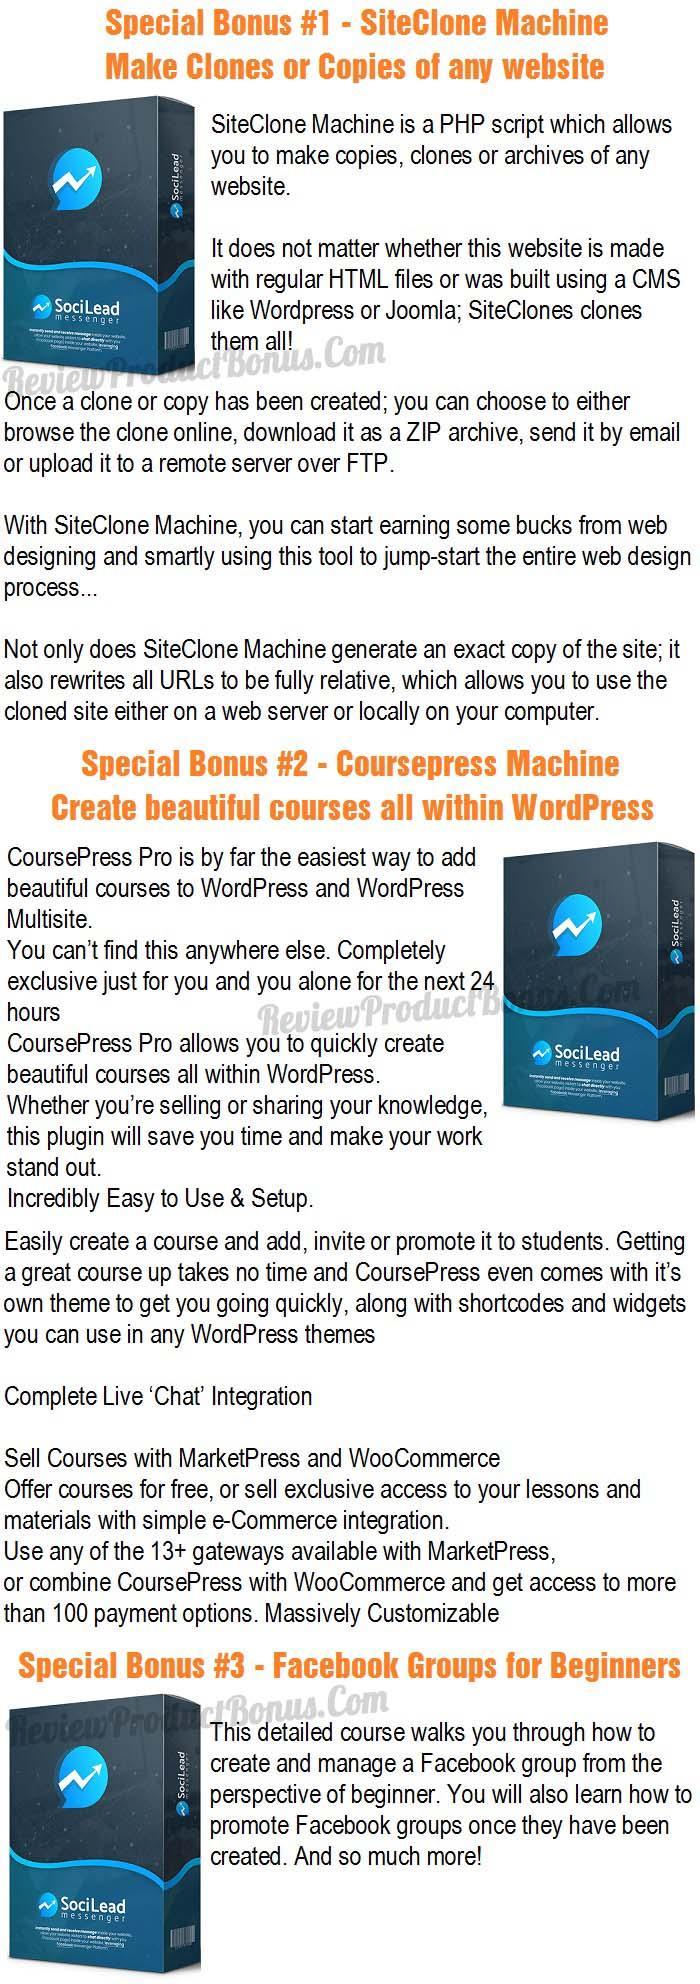 SociLead Messenger Bonus